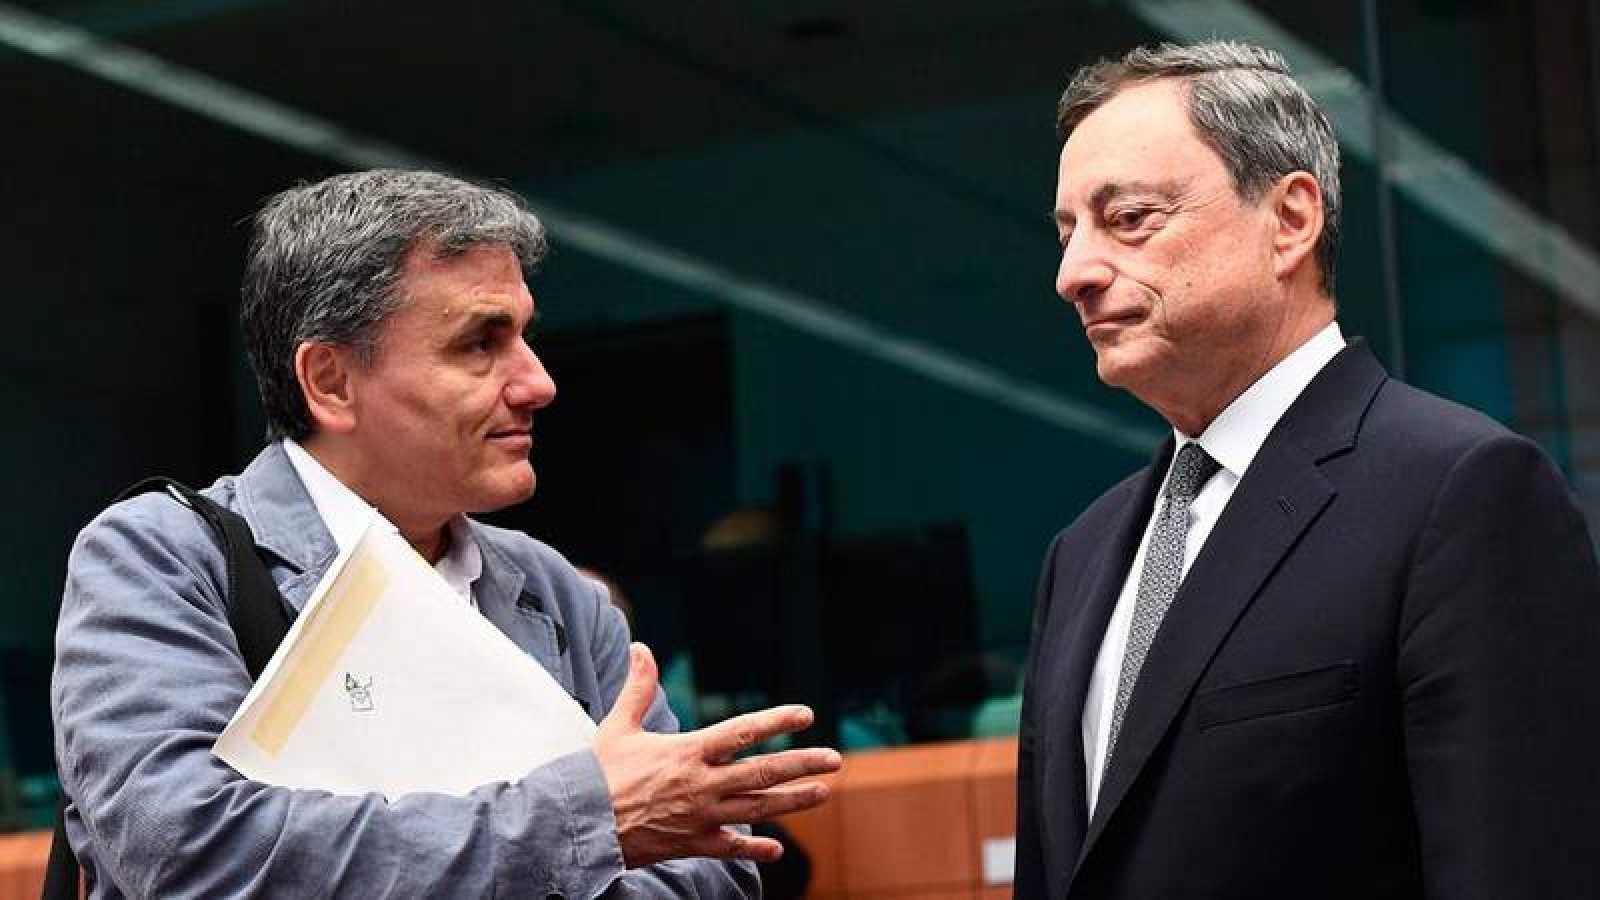 El ministro de Finanzas griego Euclid Tsakalotos habla con el presidente del Banco Central Europeo Mario Draghi